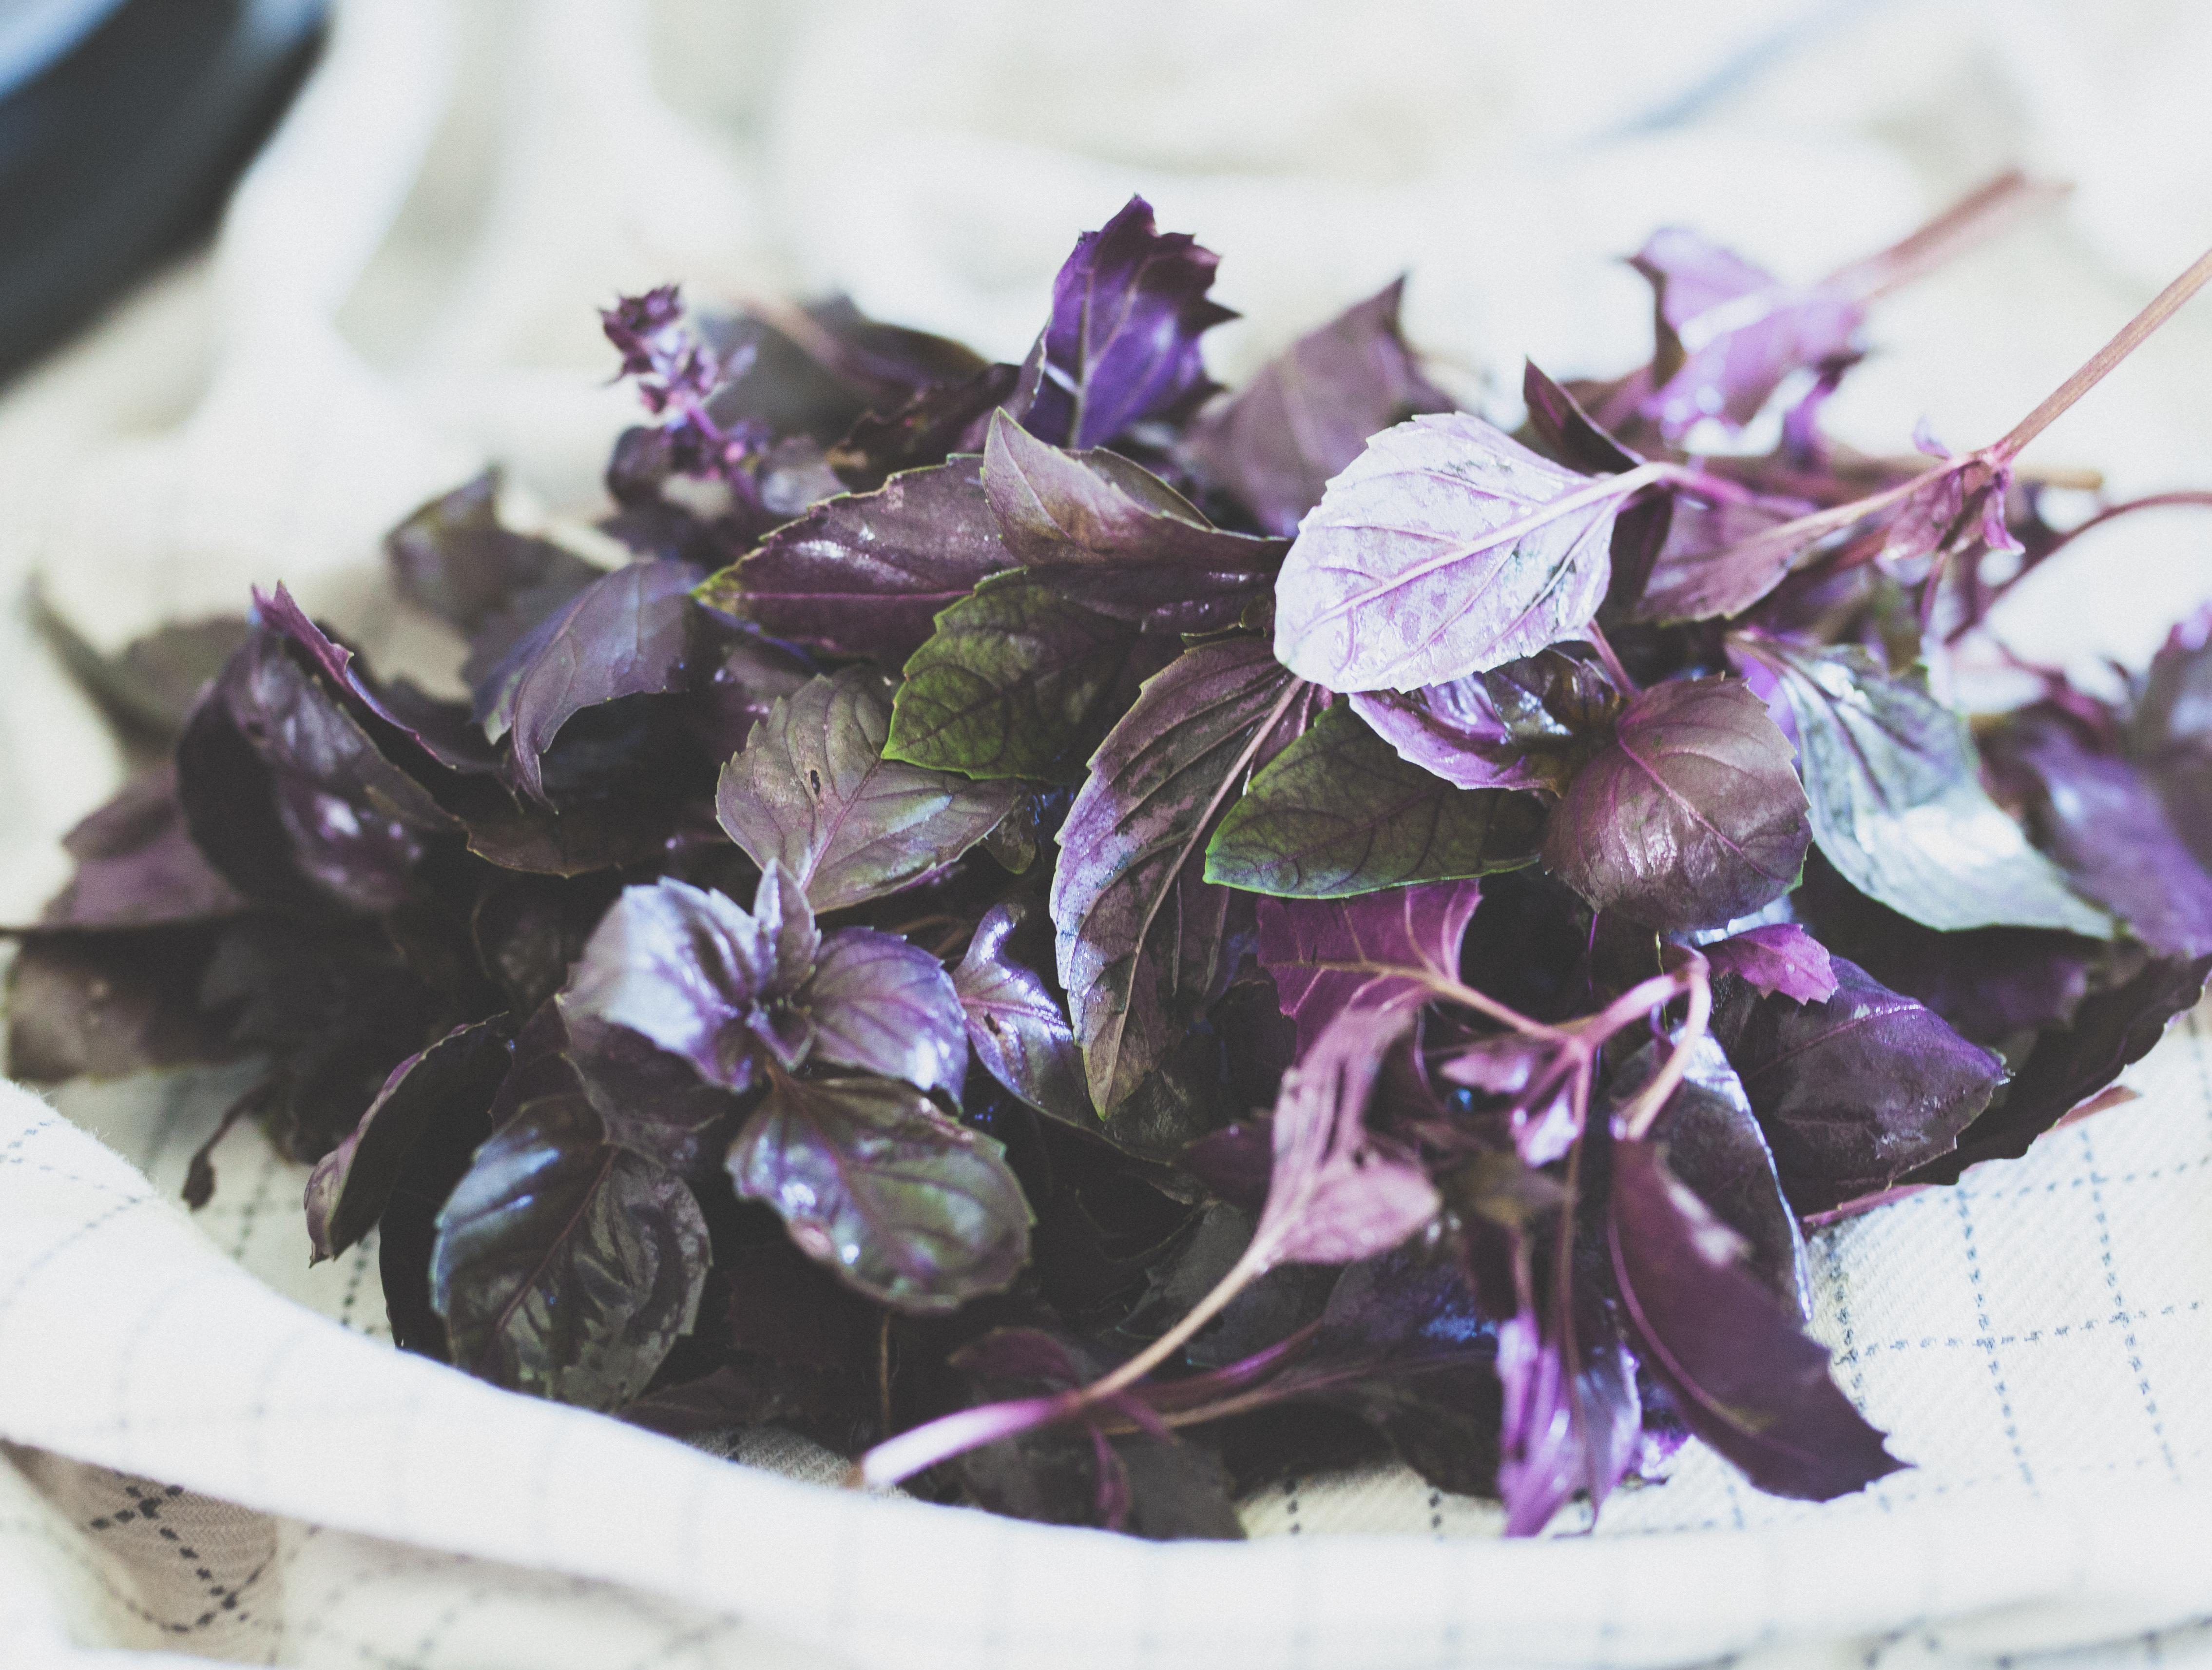 Tørre krydderurter, basilikum, mynte, estragon